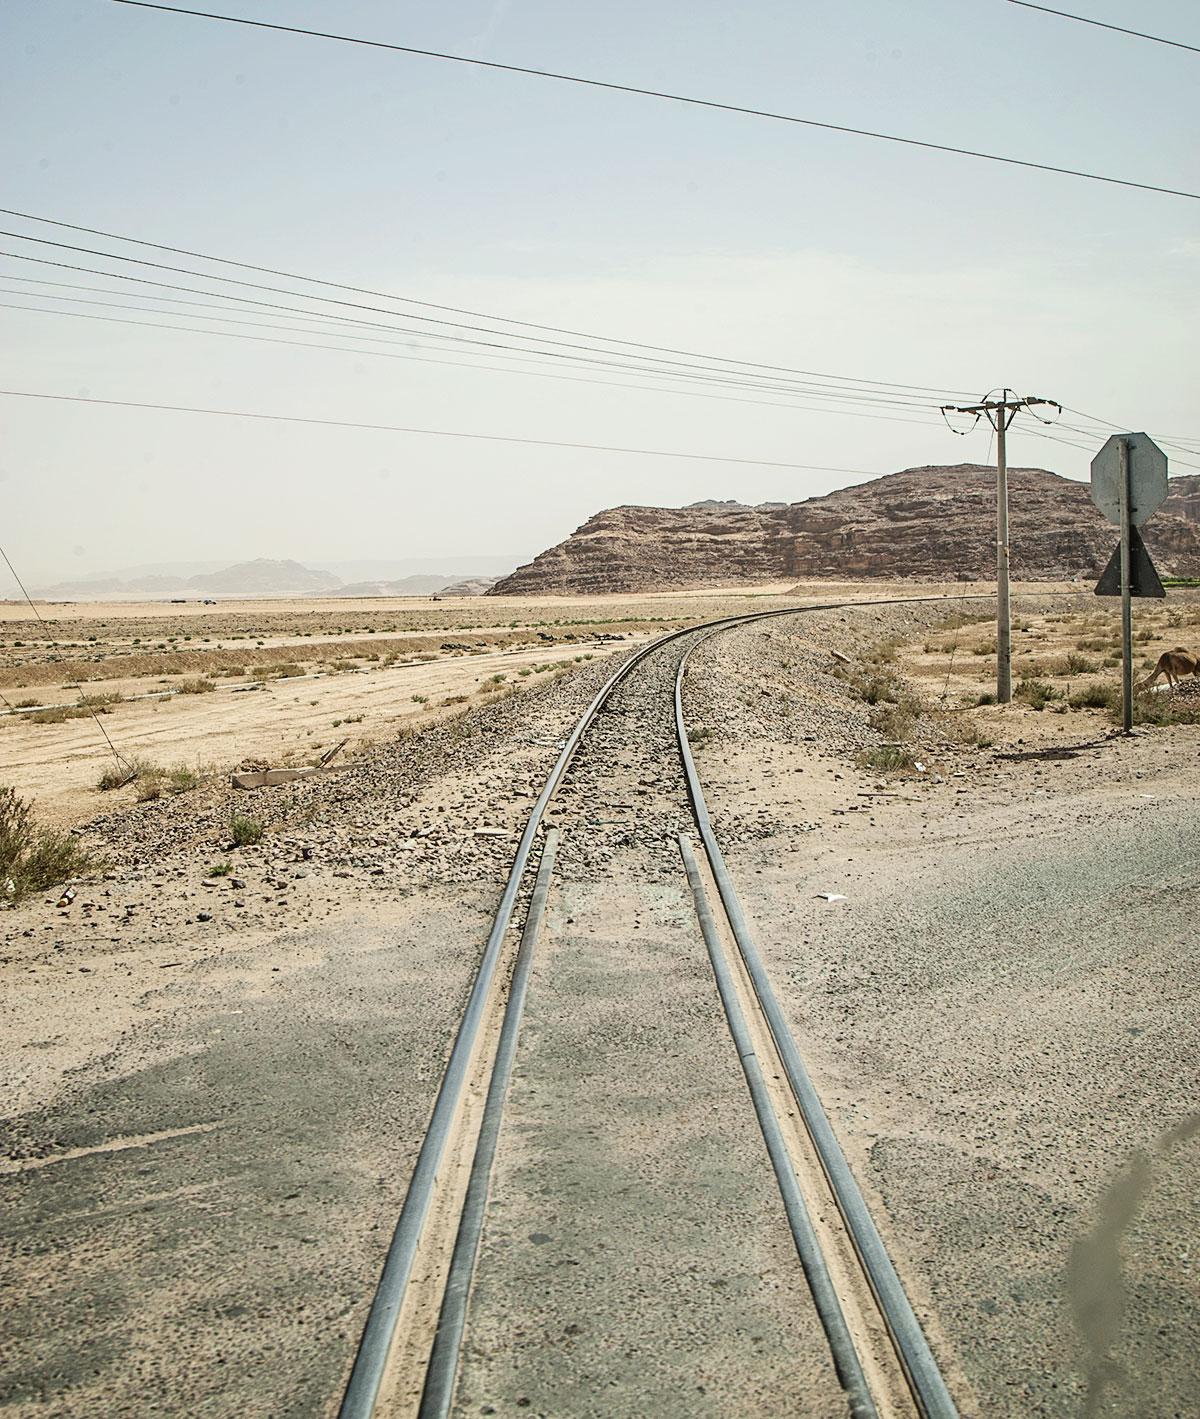 mit kindern nach jordanien reisen hedschasbahn lok